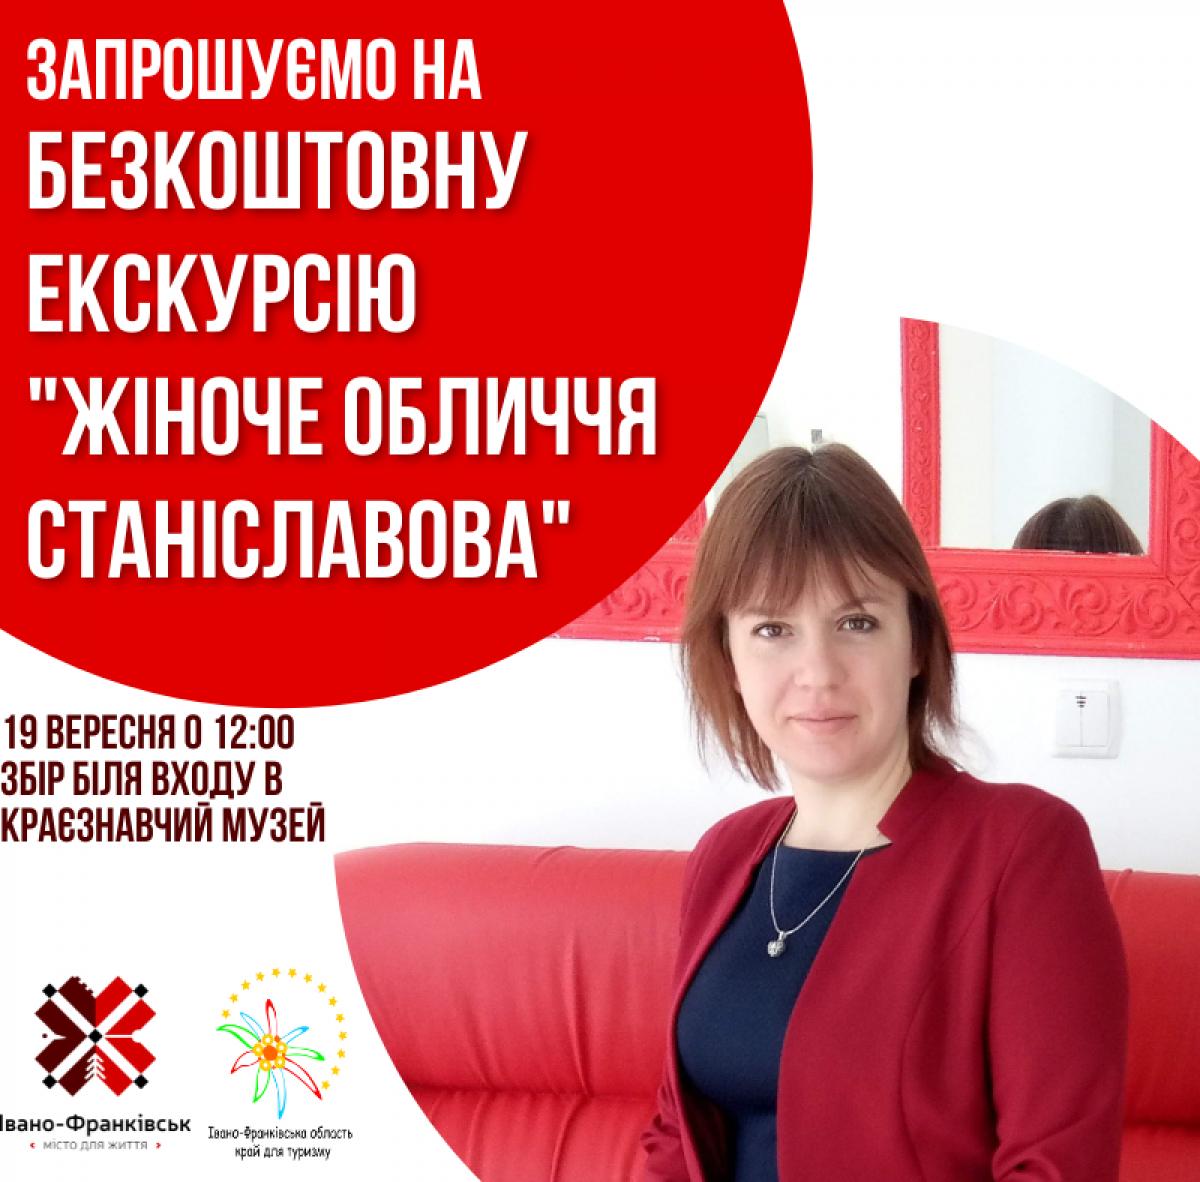 Запрошуємо на екскурсію «Жіноче обличчя Станіславова» - 19 вересня!